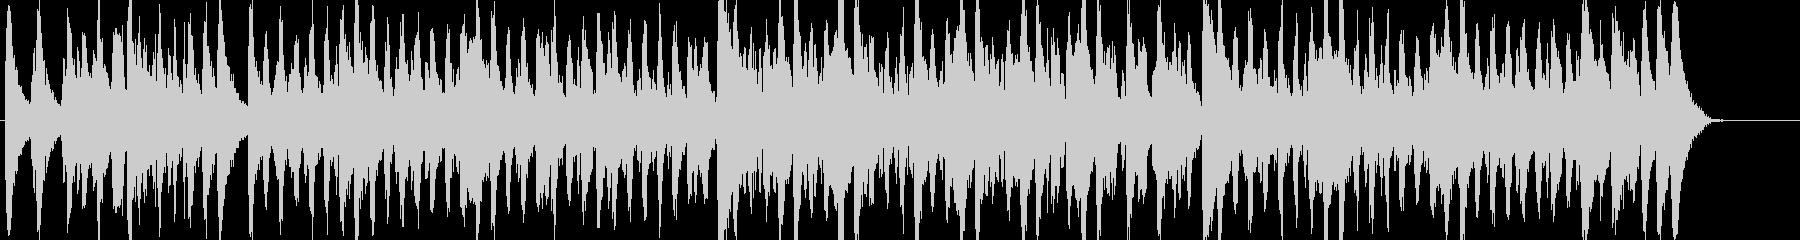 行進曲風のほのぼのとしたBGMの未再生の波形